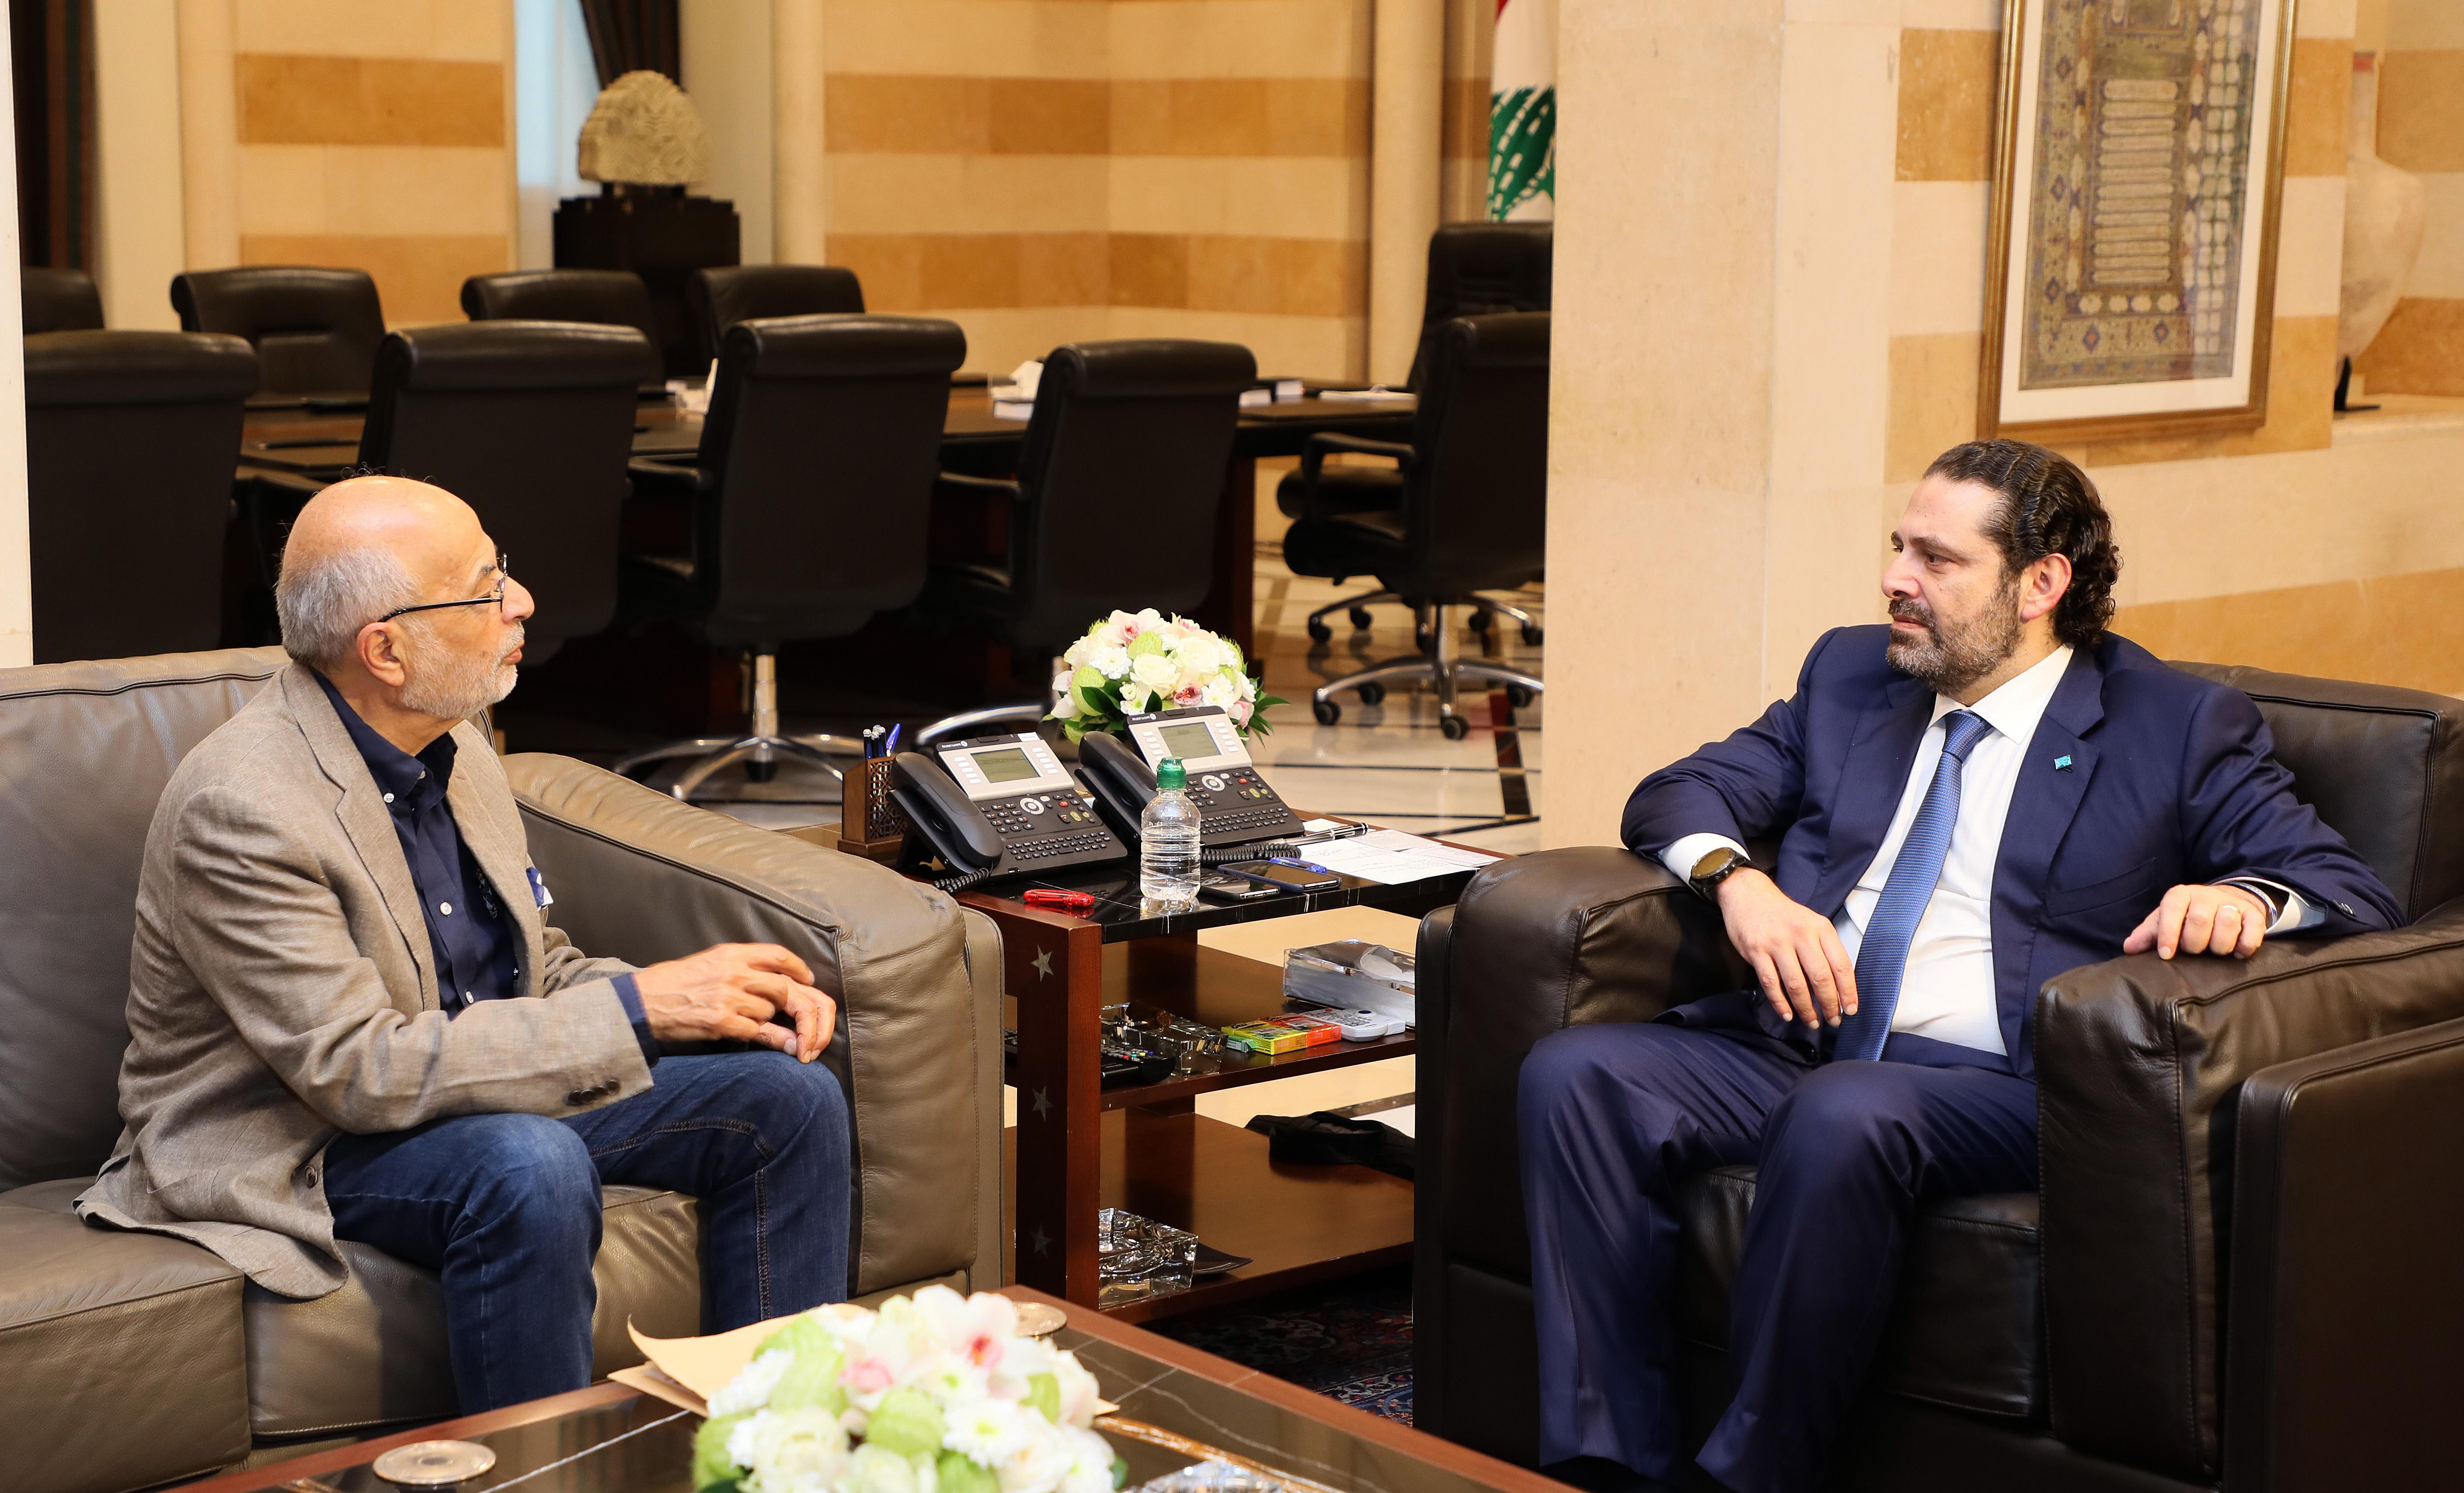 Pr Minister Saad Hariri meets Minister Akram Chehayeb